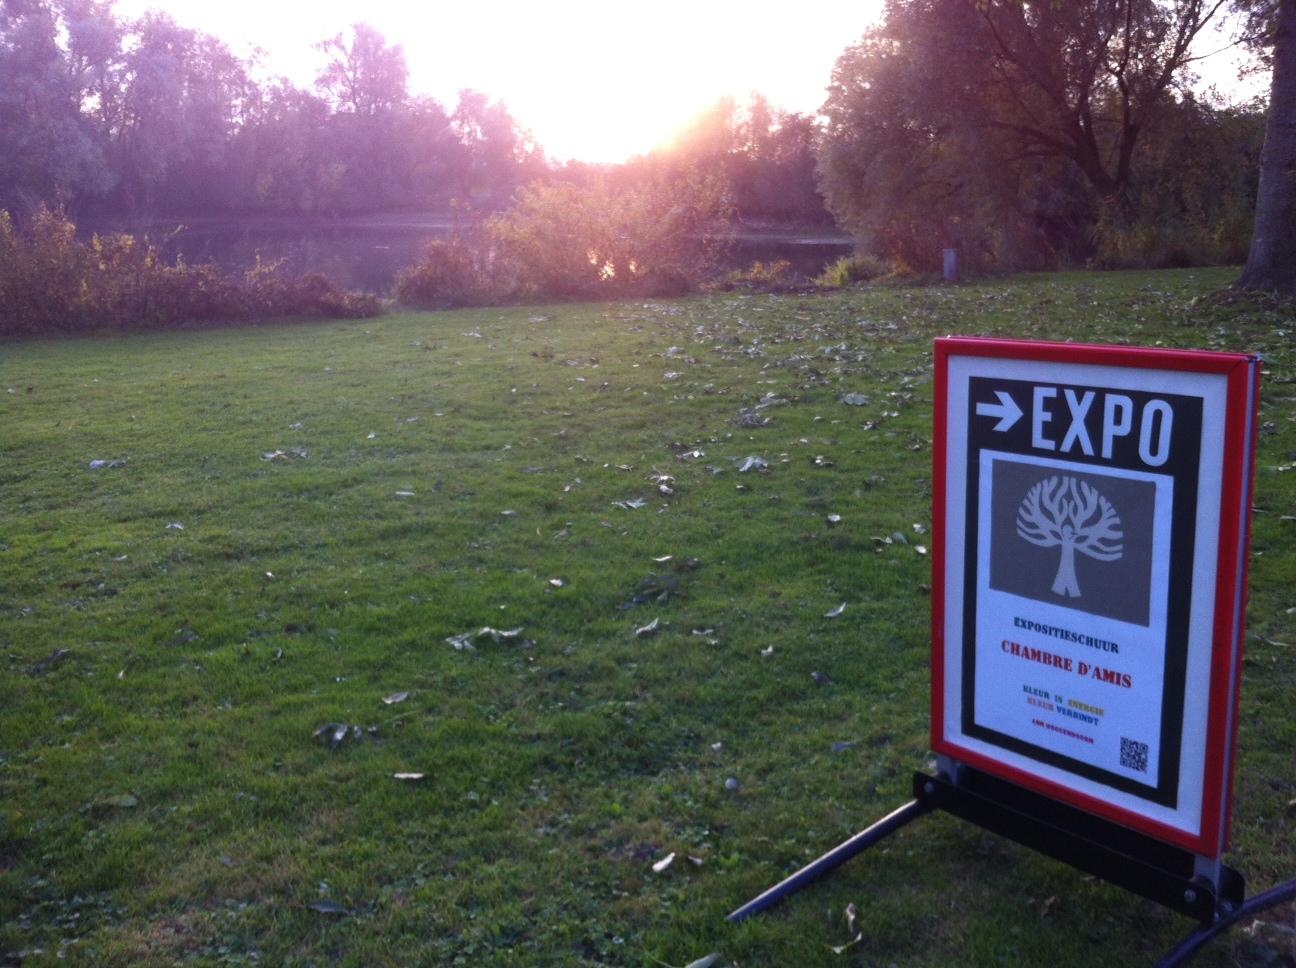 bord buiten = expositieschuur Chambre d'Amis in de Ooijpolder open